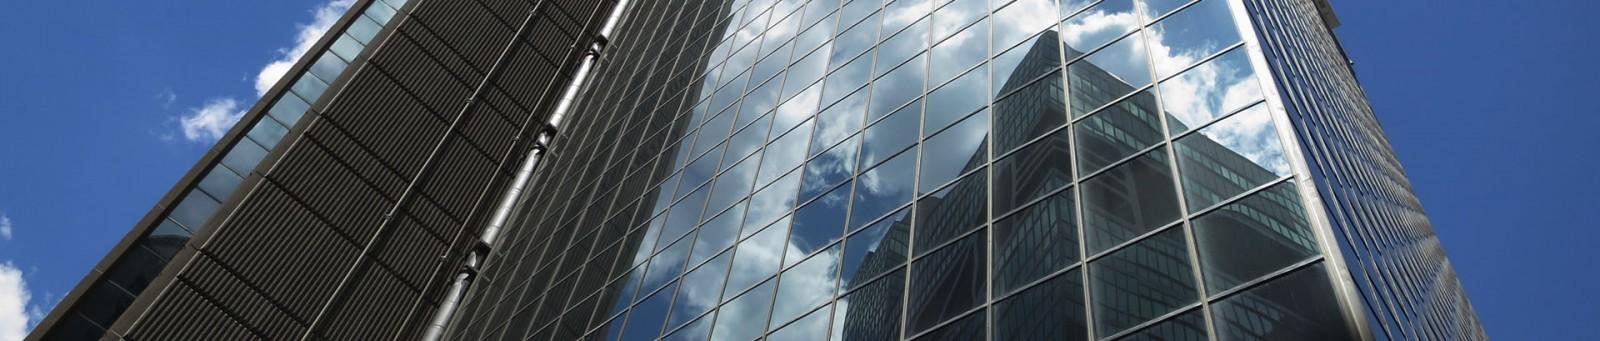 Skyscraper-Architecture-Design-Wallpaper